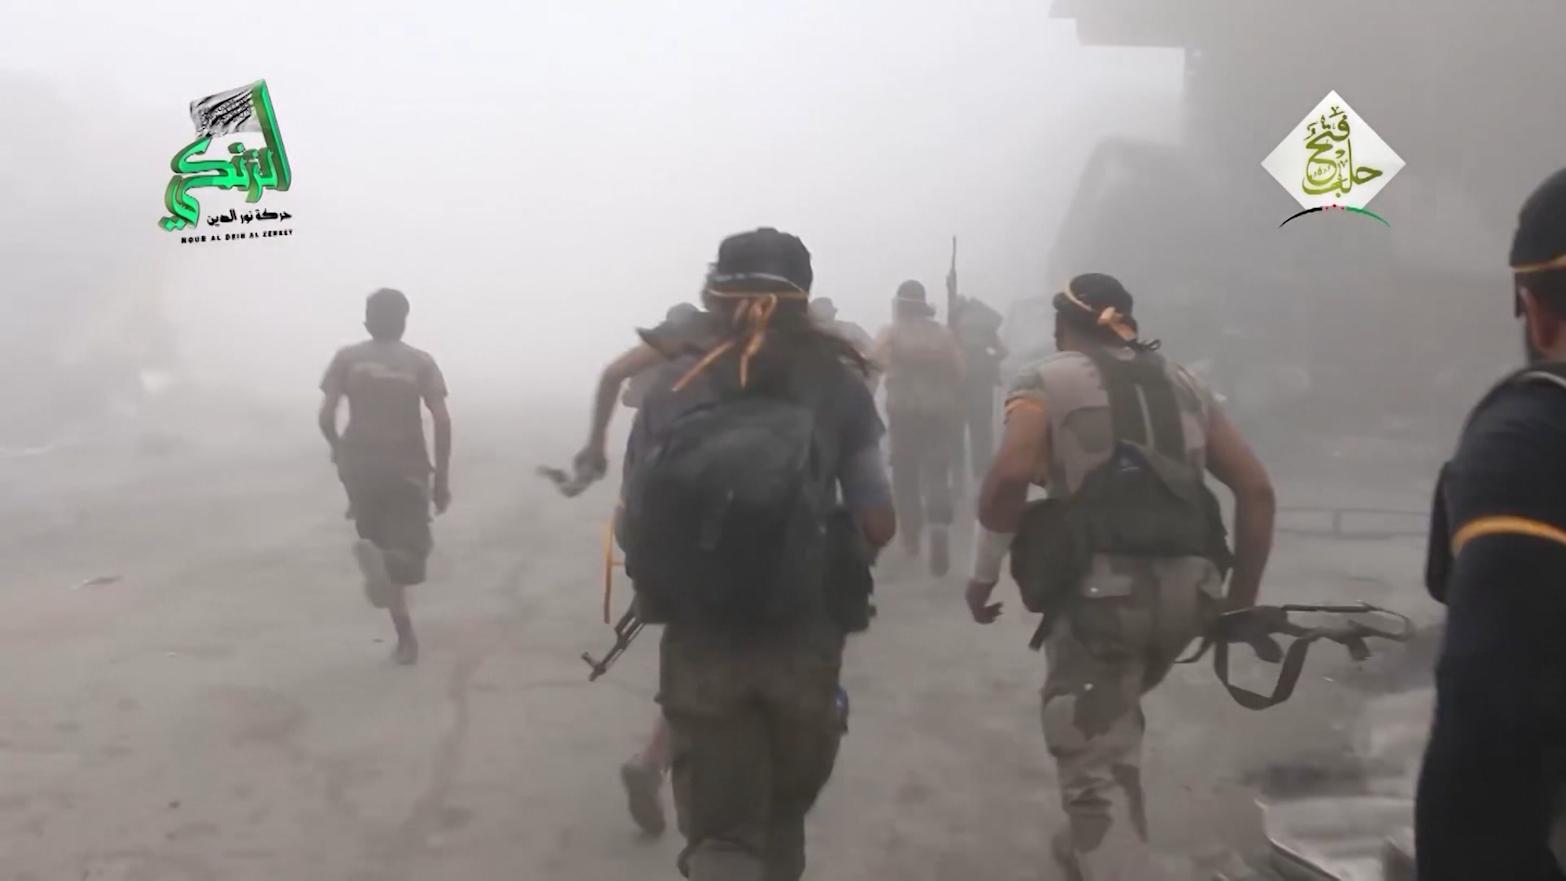 فيديوهات حصرية لـCNN من حلب: كسر الحصار